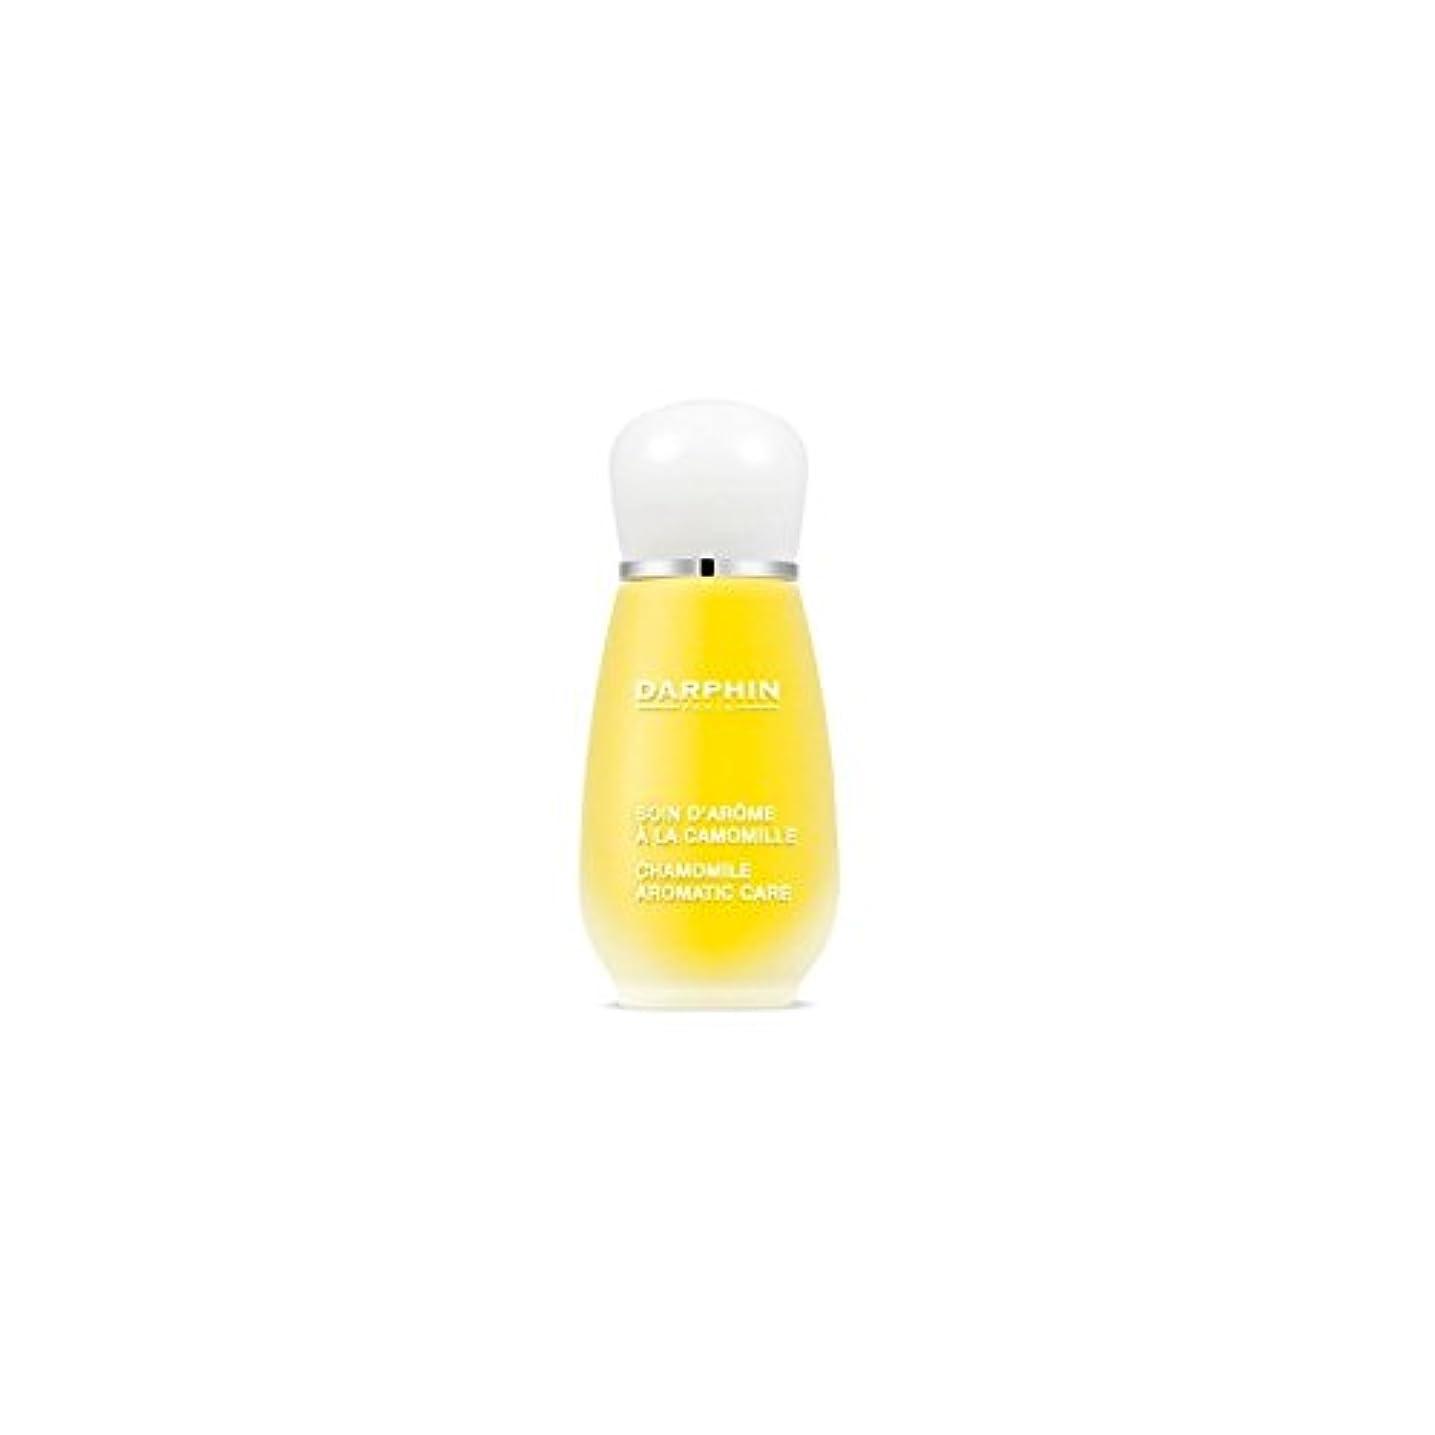 バウンド劣るトランクライブラリDarphin Chamomile Aromatic Care (15ml) - ダルファンカモミール芳香ケア(15ミリリットル) [並行輸入品]